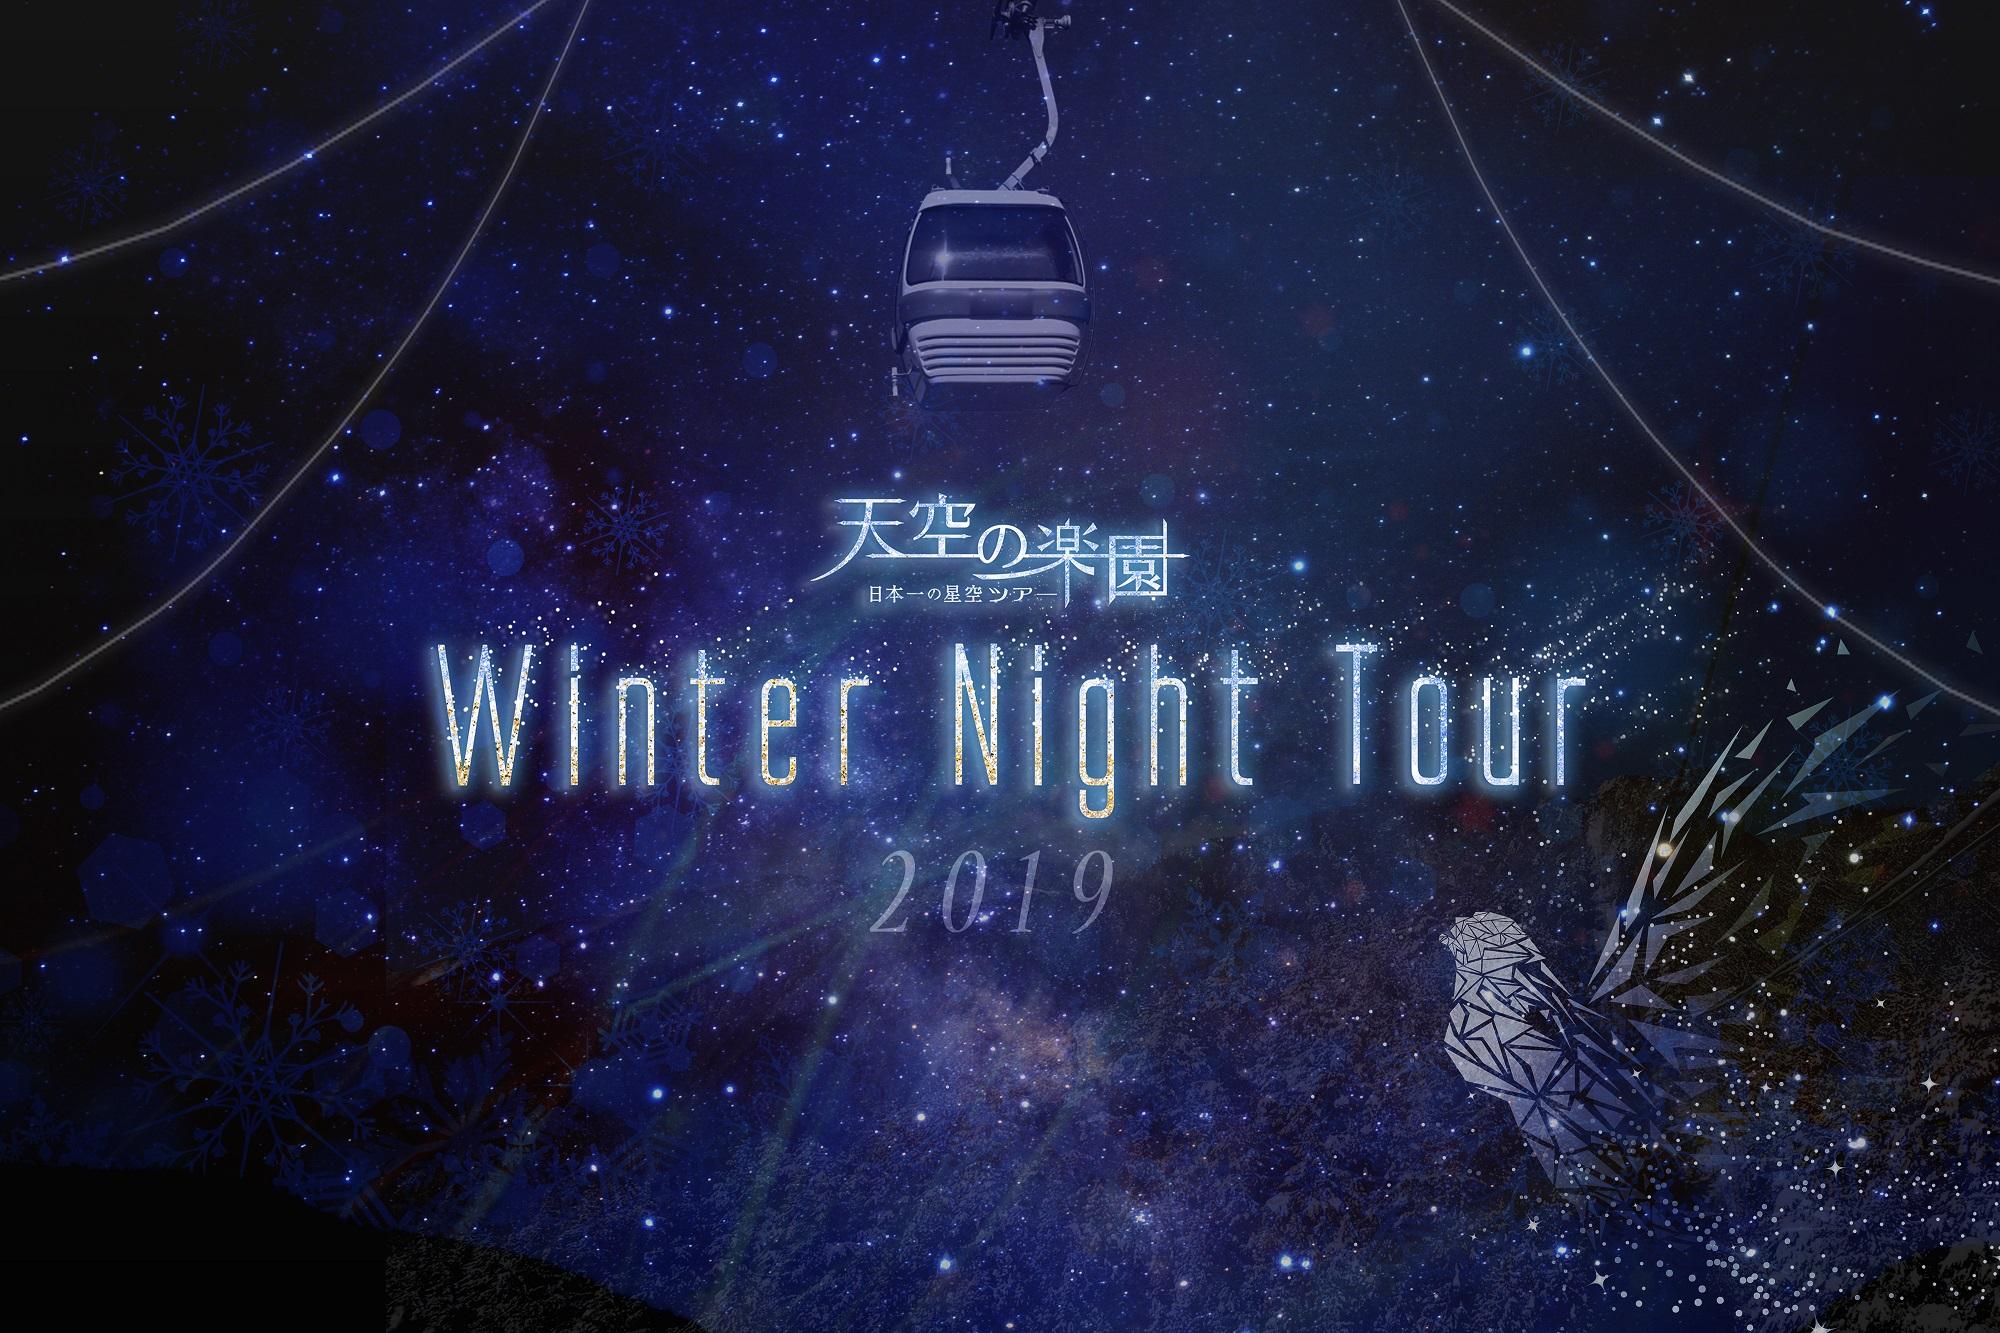 天空 ヘブンス 一 日本 の の ツアー ナイト はら 楽園 その 2019 星空